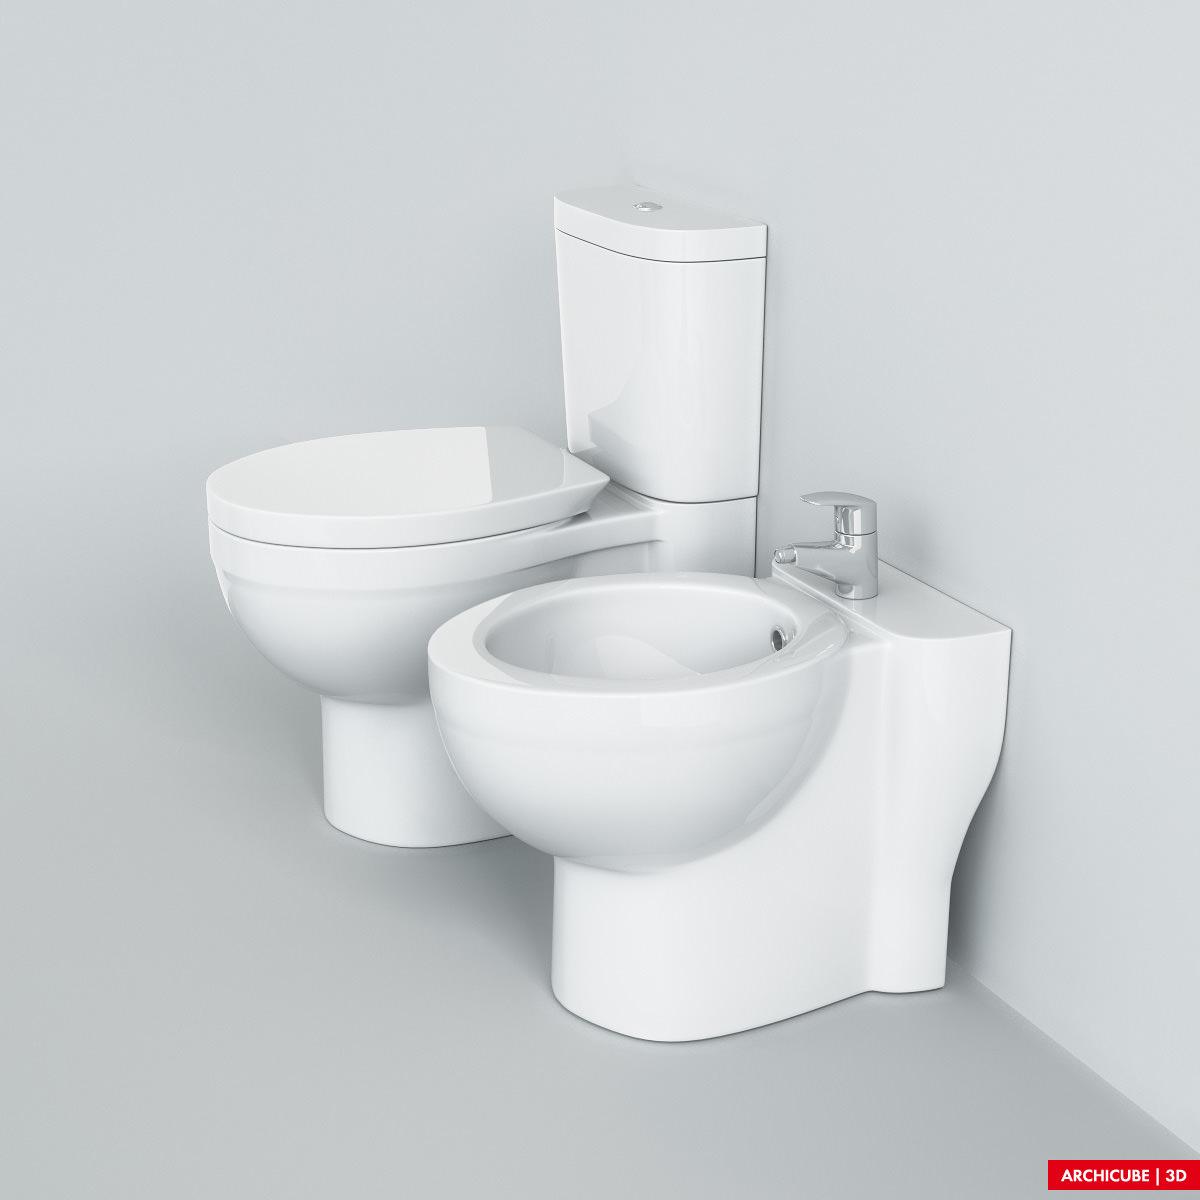 Toilet Bidet 3d Model Max Obj Fbx